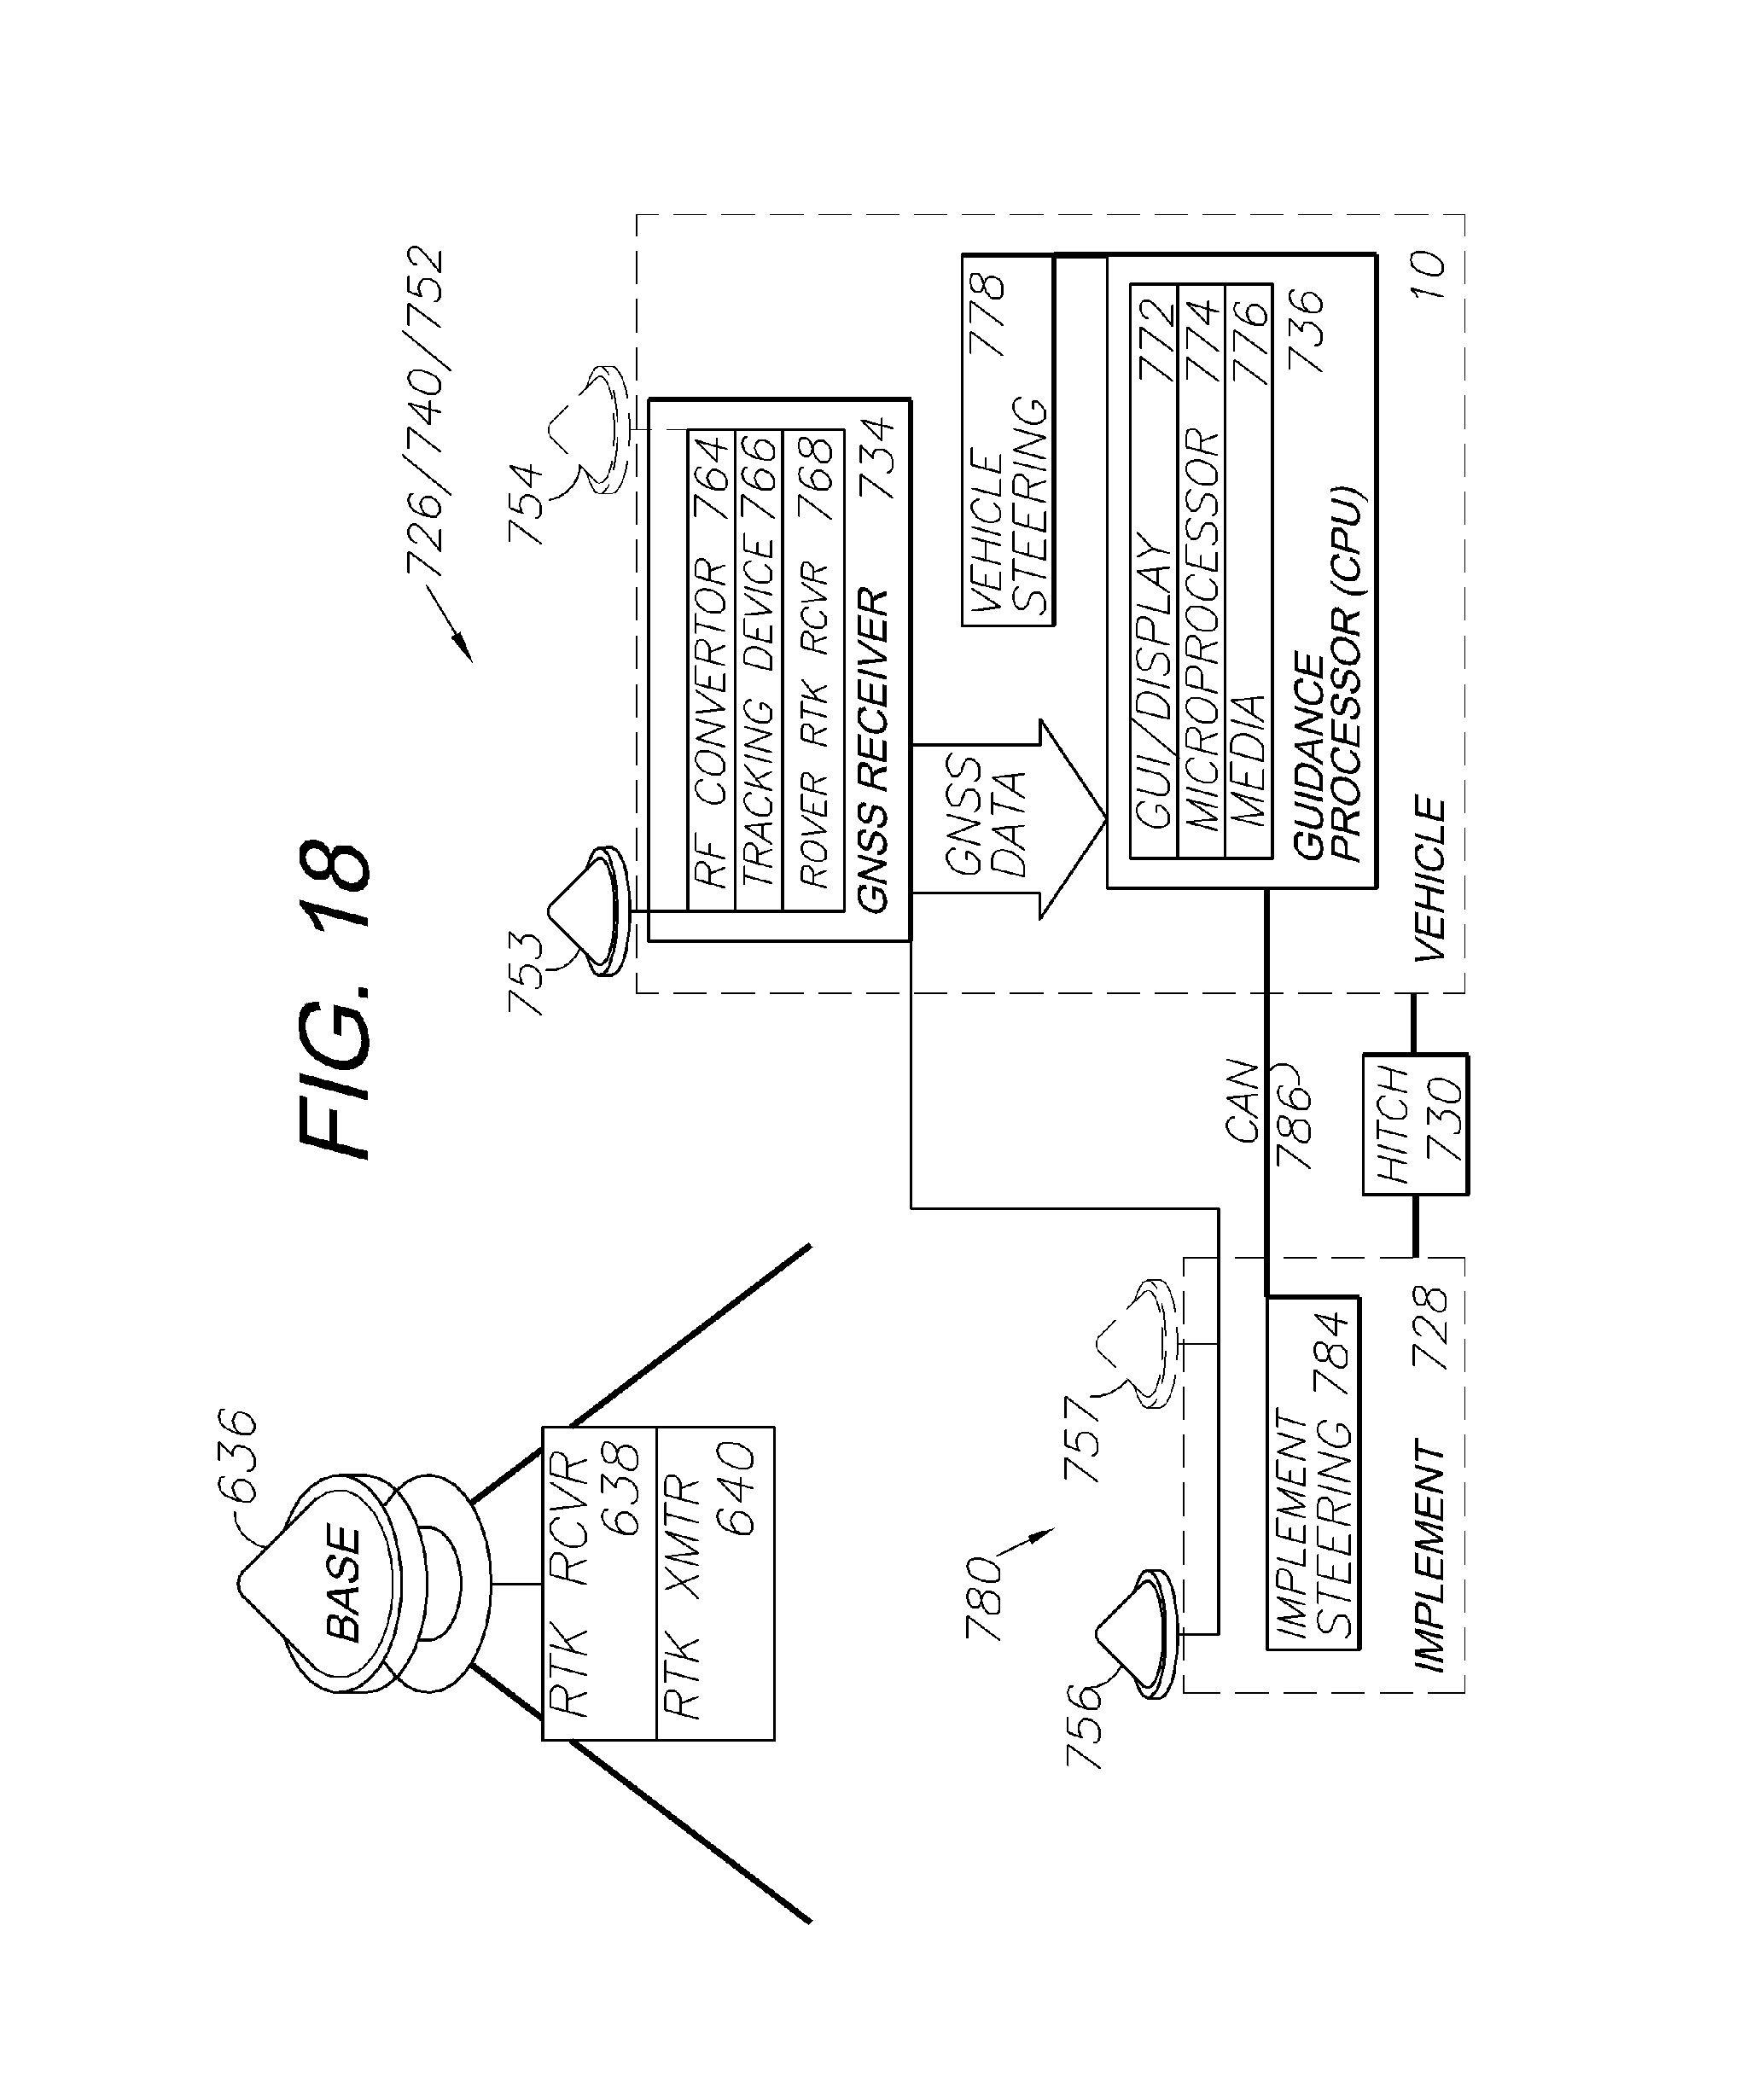 Patent RE47101E1 on